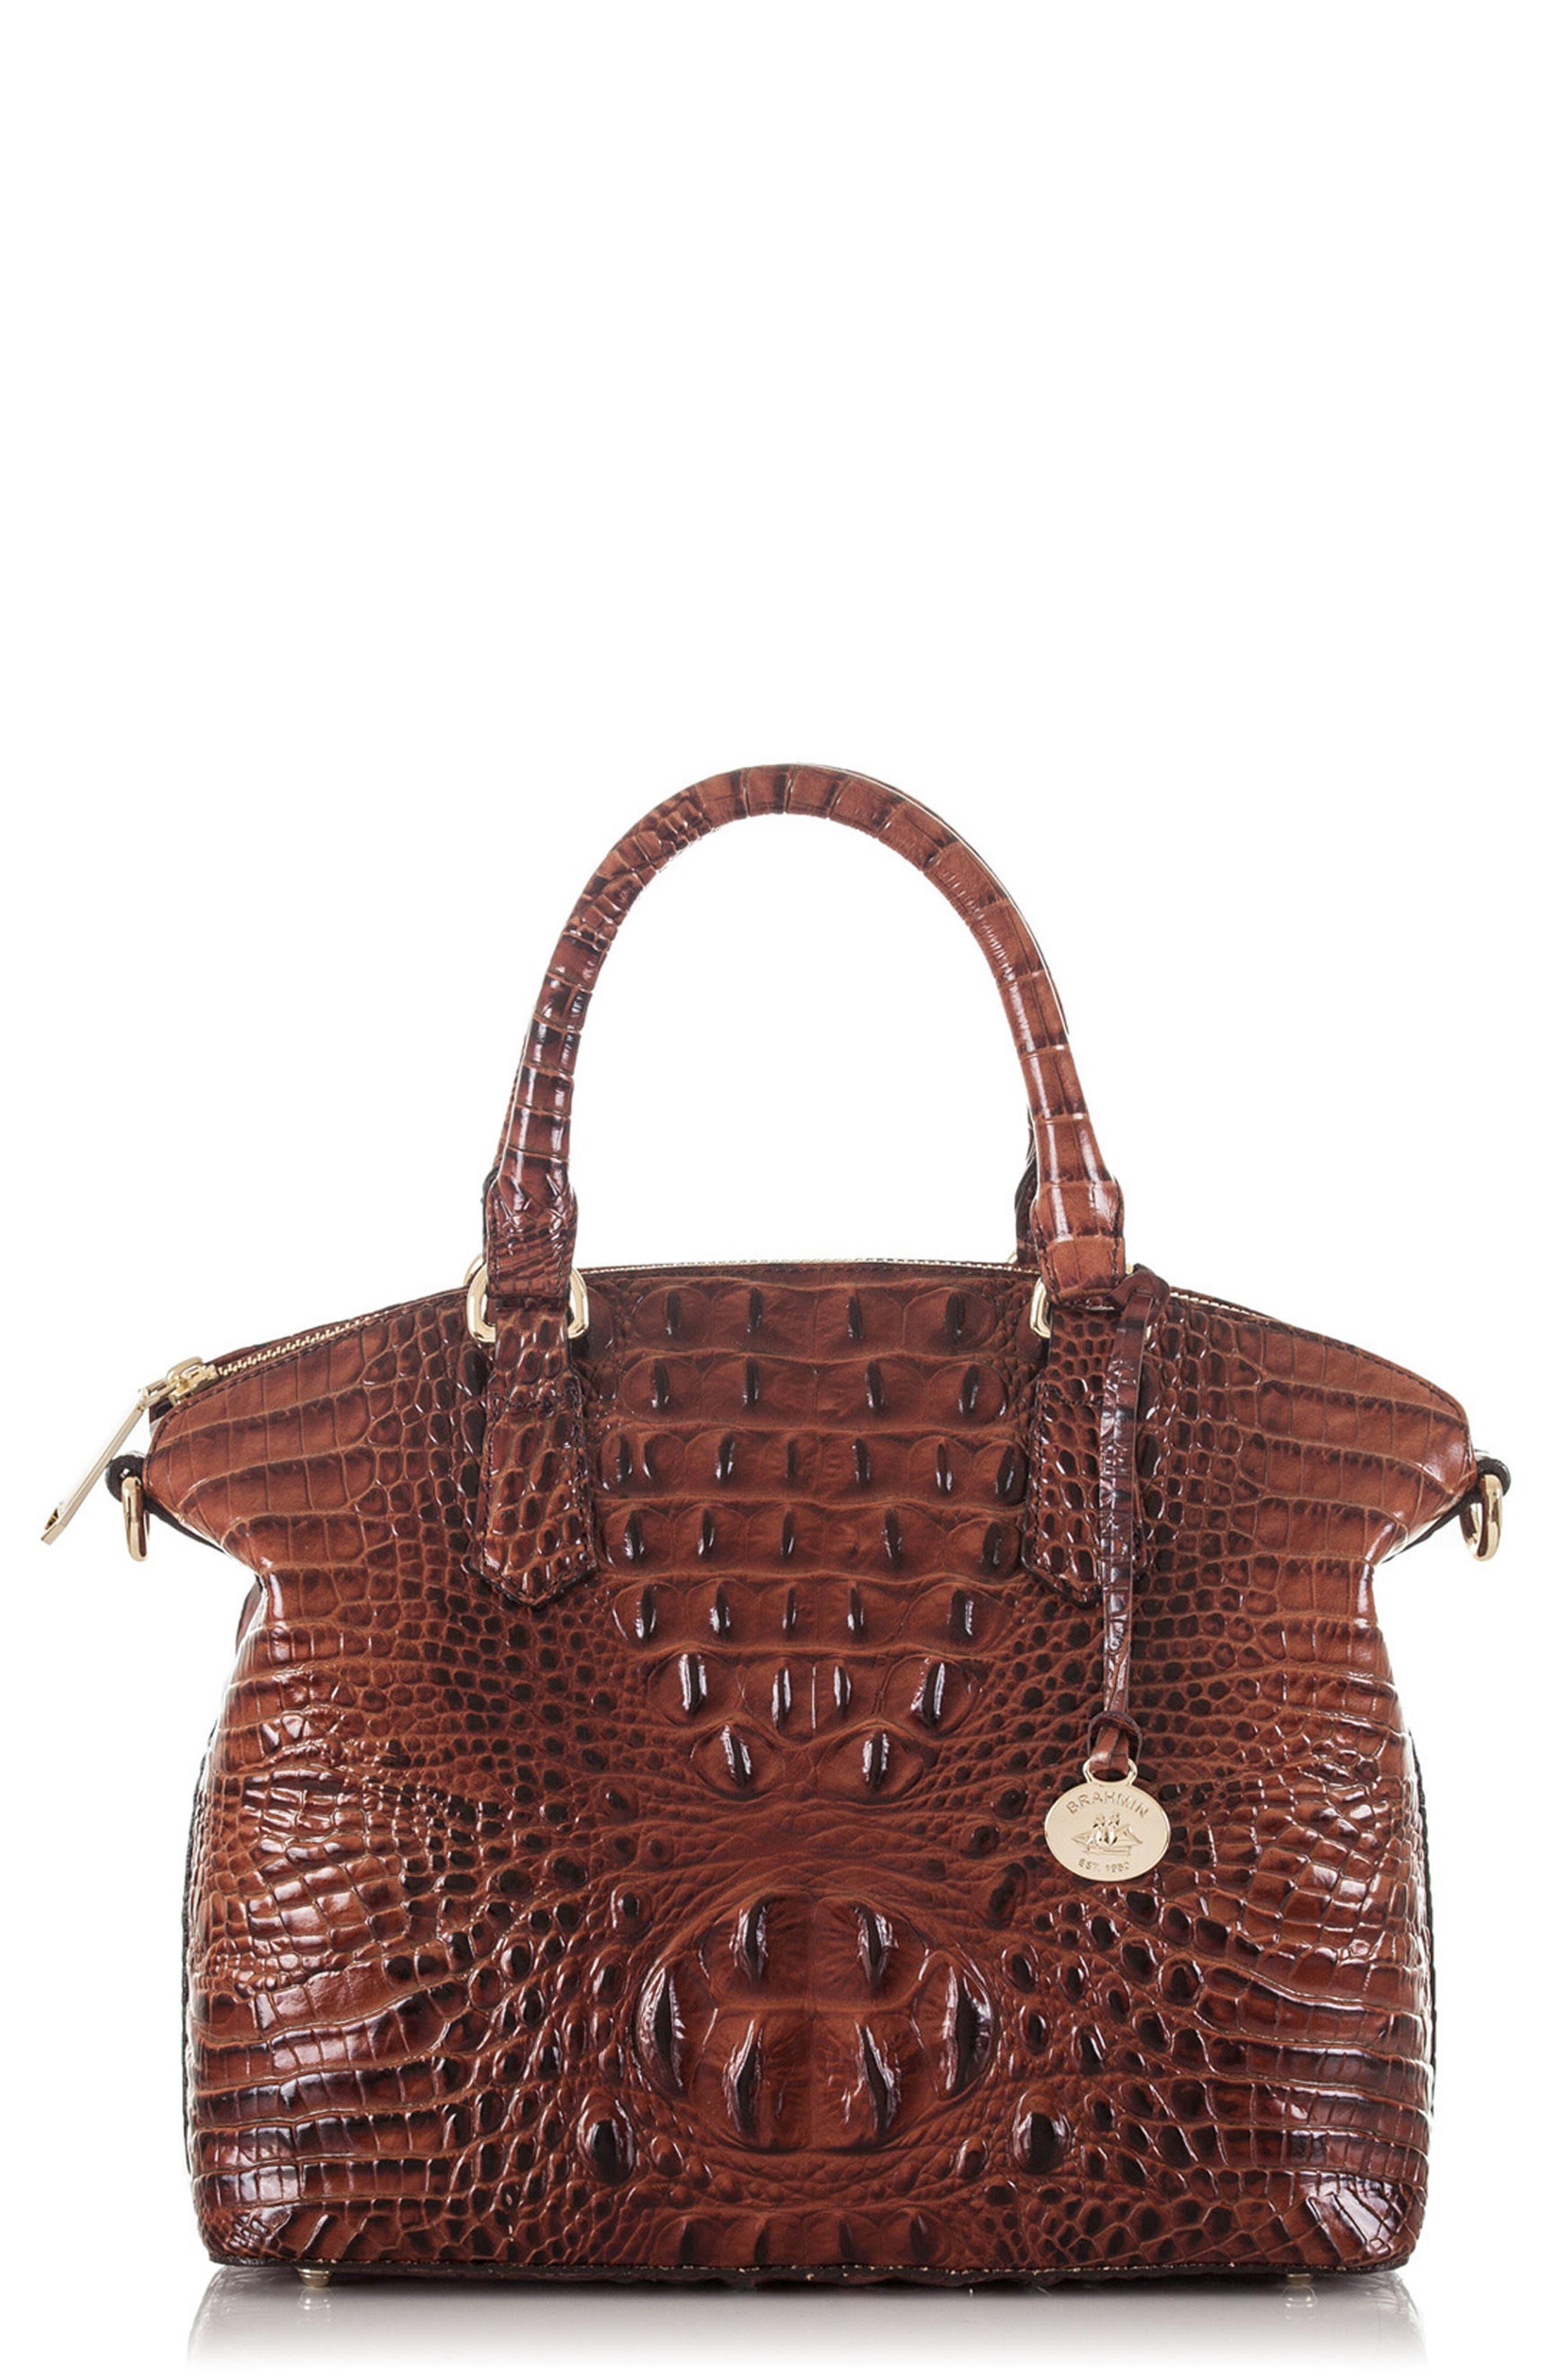 48bc975b1c Brahmin Women s Bags